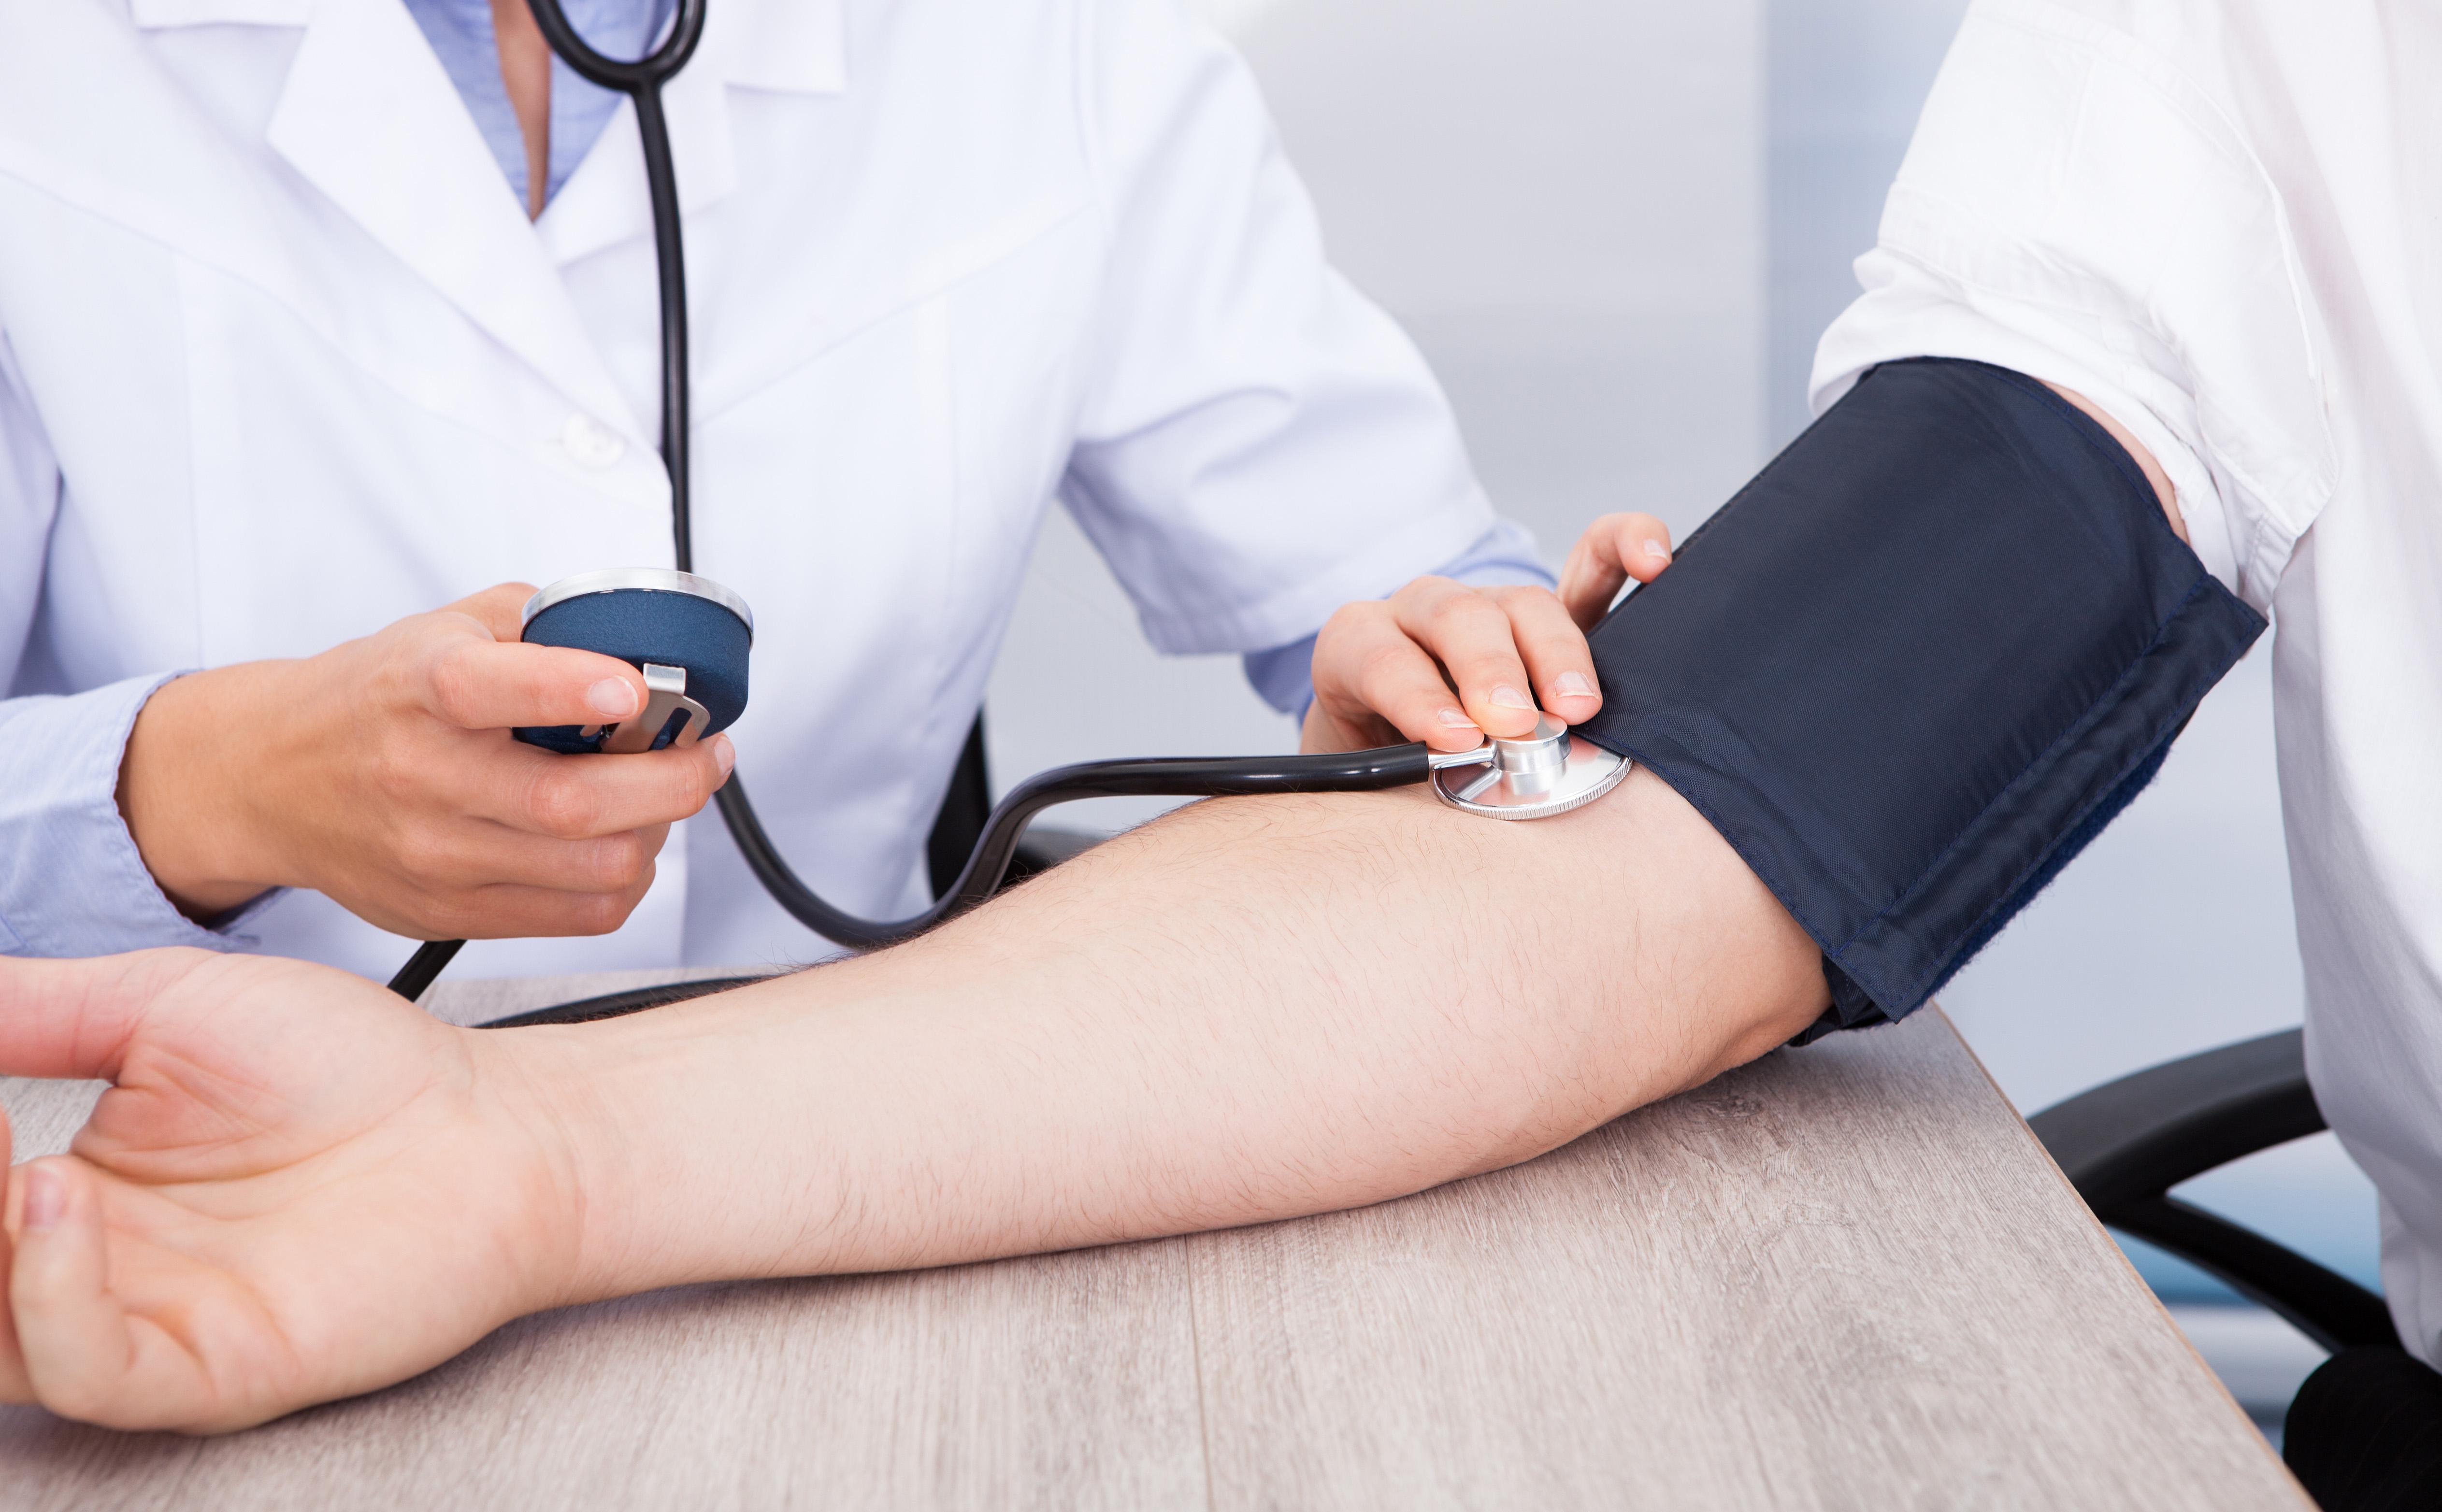 hogyan lehet mérni a magas vérnyomást gyógyszerek magas vérnyomás ambulancia